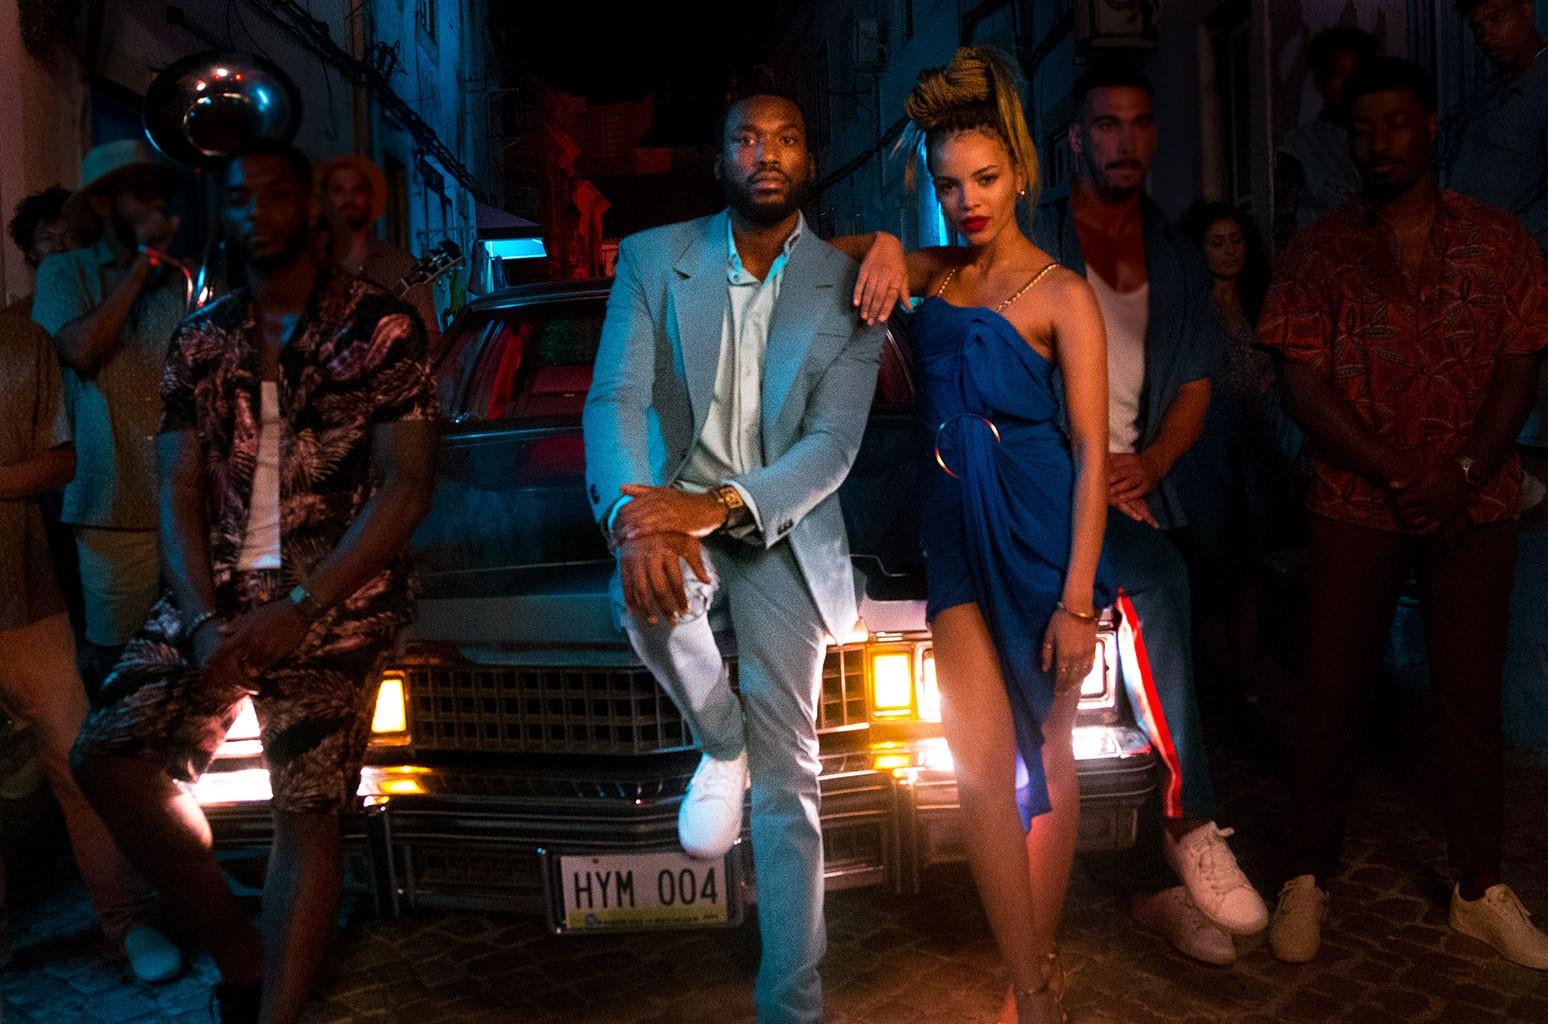 Лесли Грейс и Мик Милл обновили хит Глории Эстефан «Конга» для вечеринок в стиле 80-х: вот сравнение